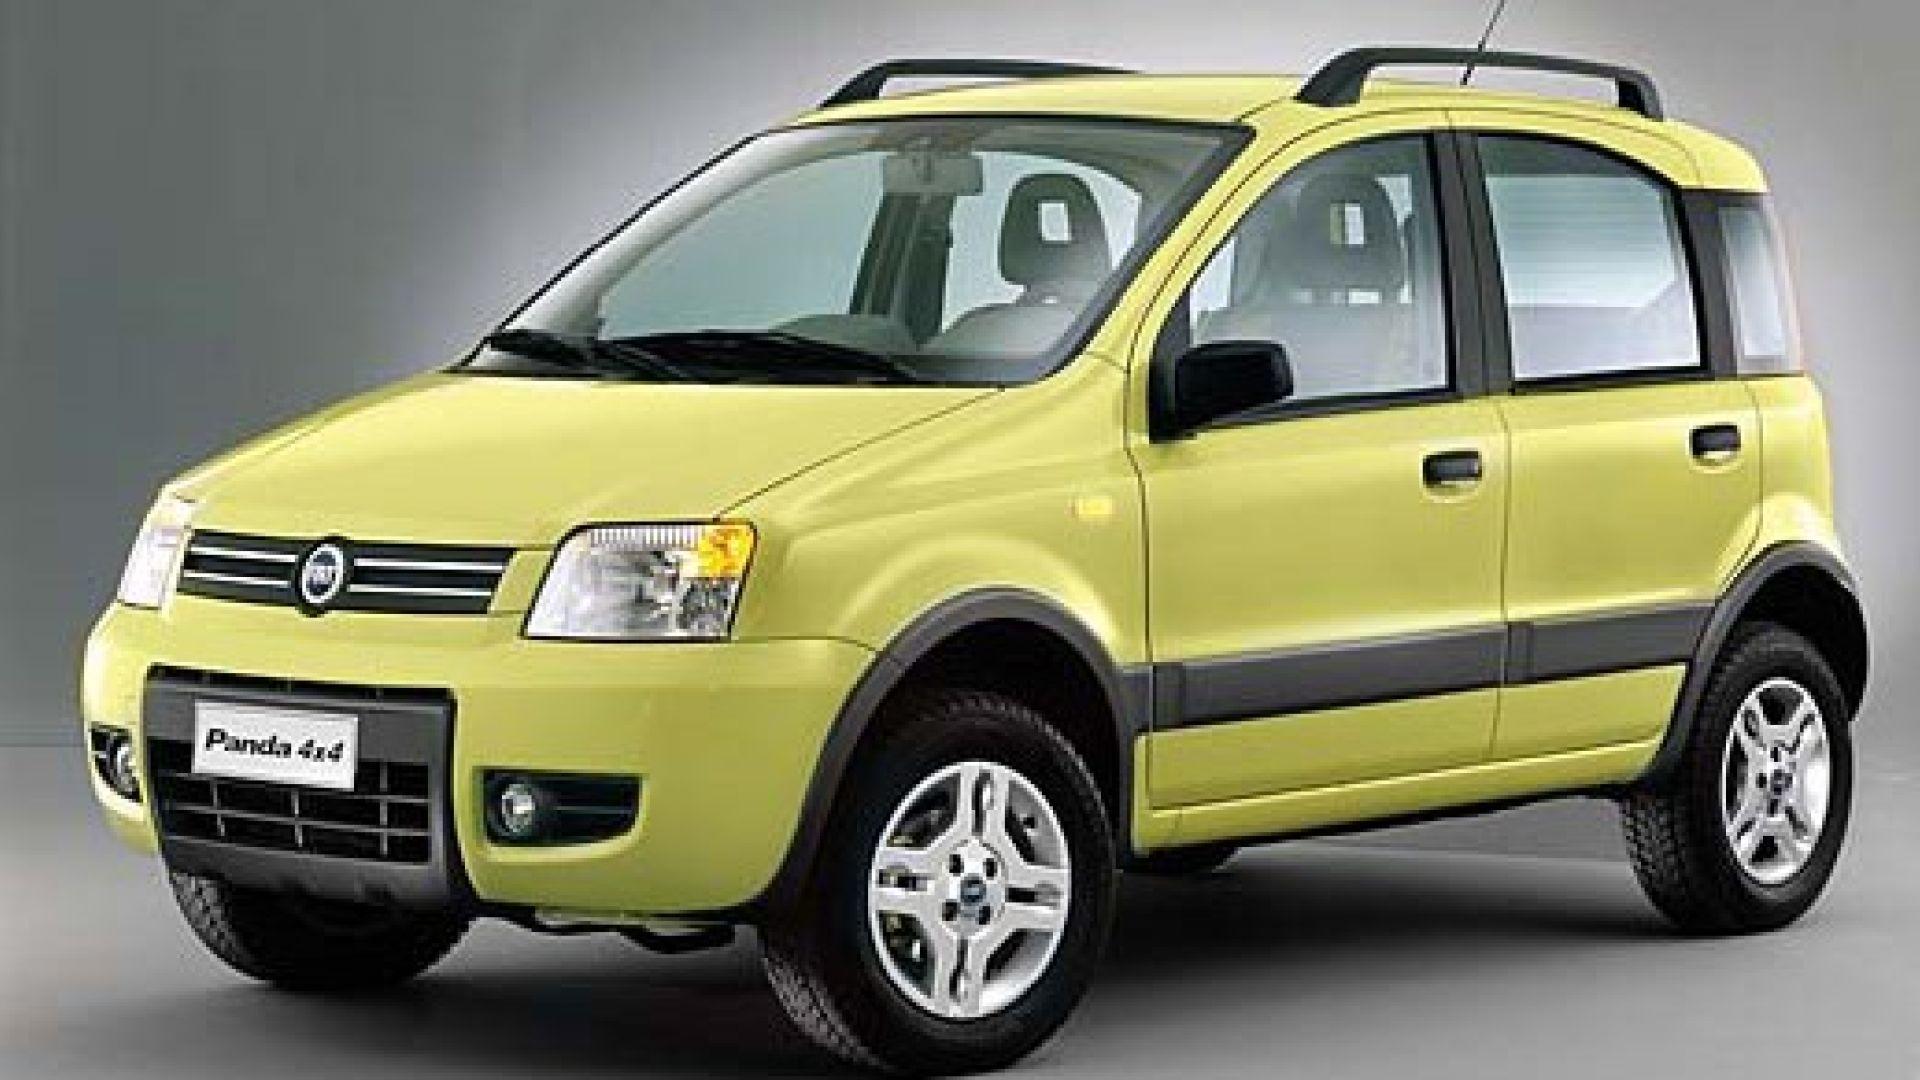 Immagine 3: Tre Panda in anteprima:4x4, SUV e Abarth Rally